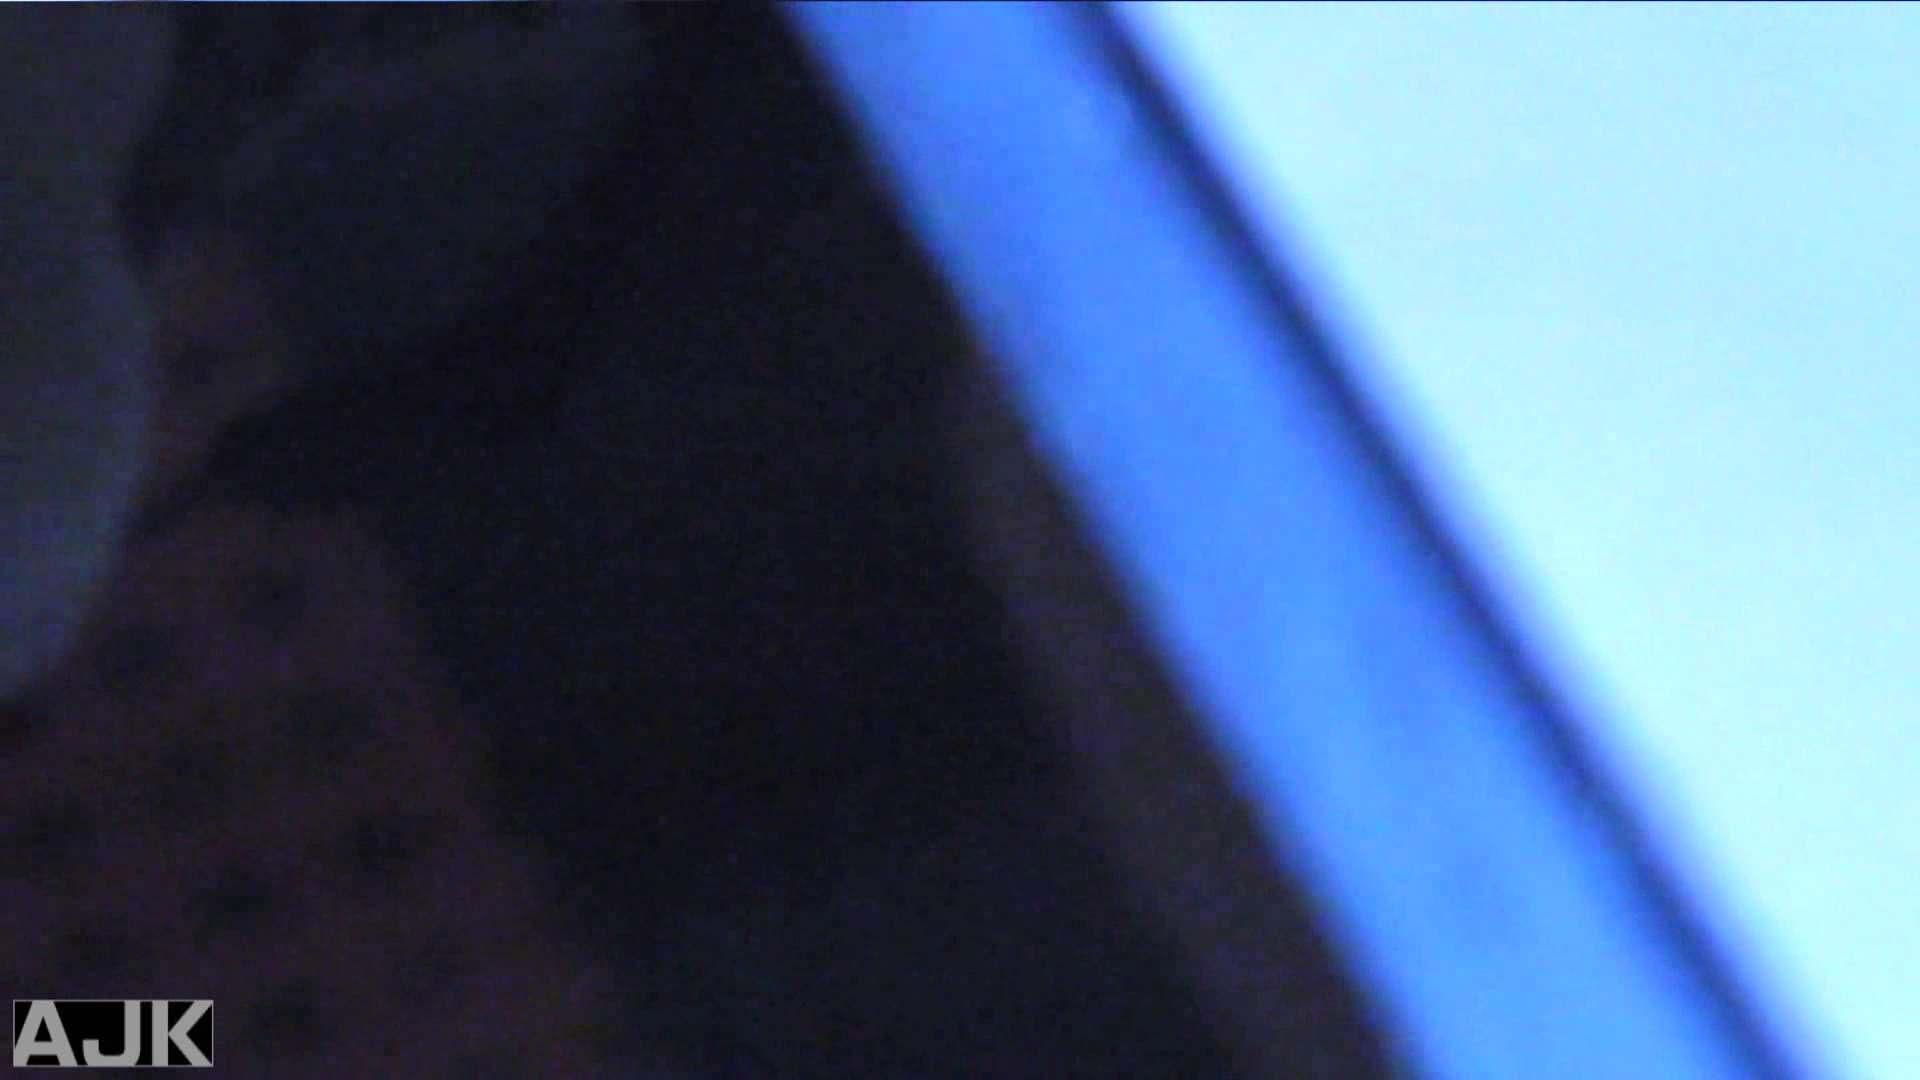 神降臨!史上最強の潜入かわや! vol.07 美女まとめ ワレメ動画紹介 83PIX 83